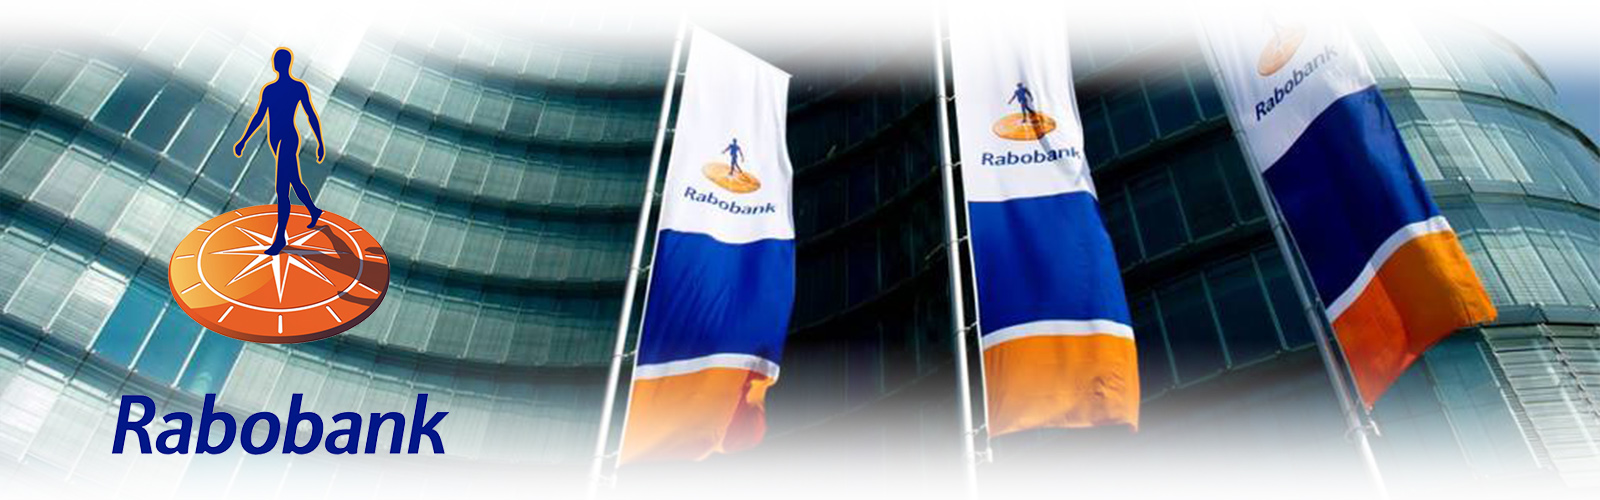 rabobank logo vcc logo